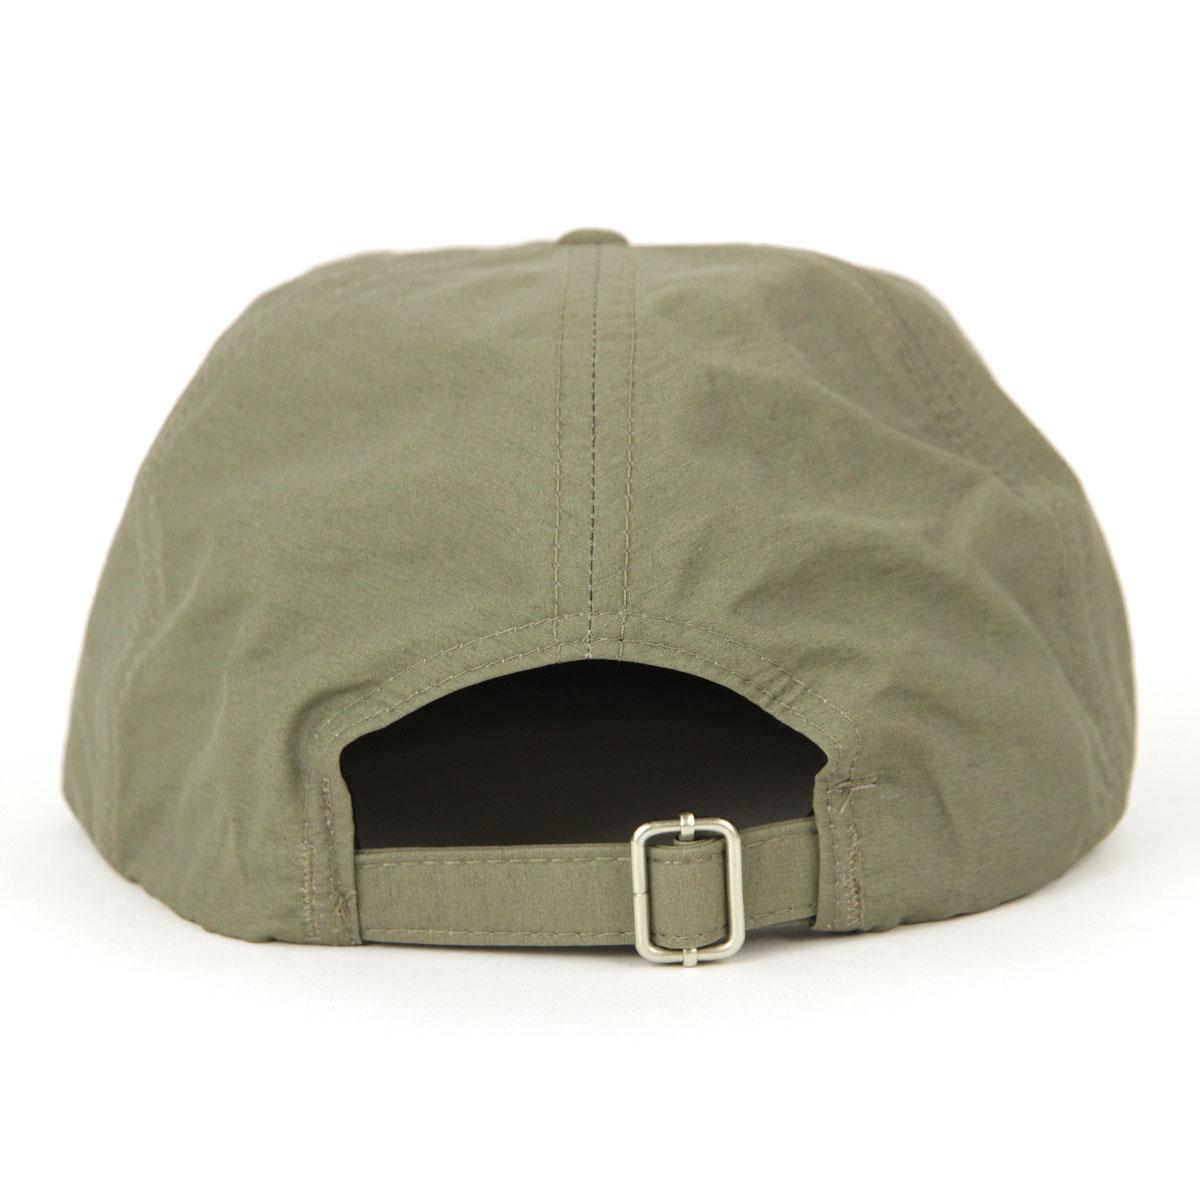 キス キャップ メンズ 正規品 KITH 帽子 KITH SWIM CAP KH5715-102 SEASPRAY A95B B1C C3D D4E E08F